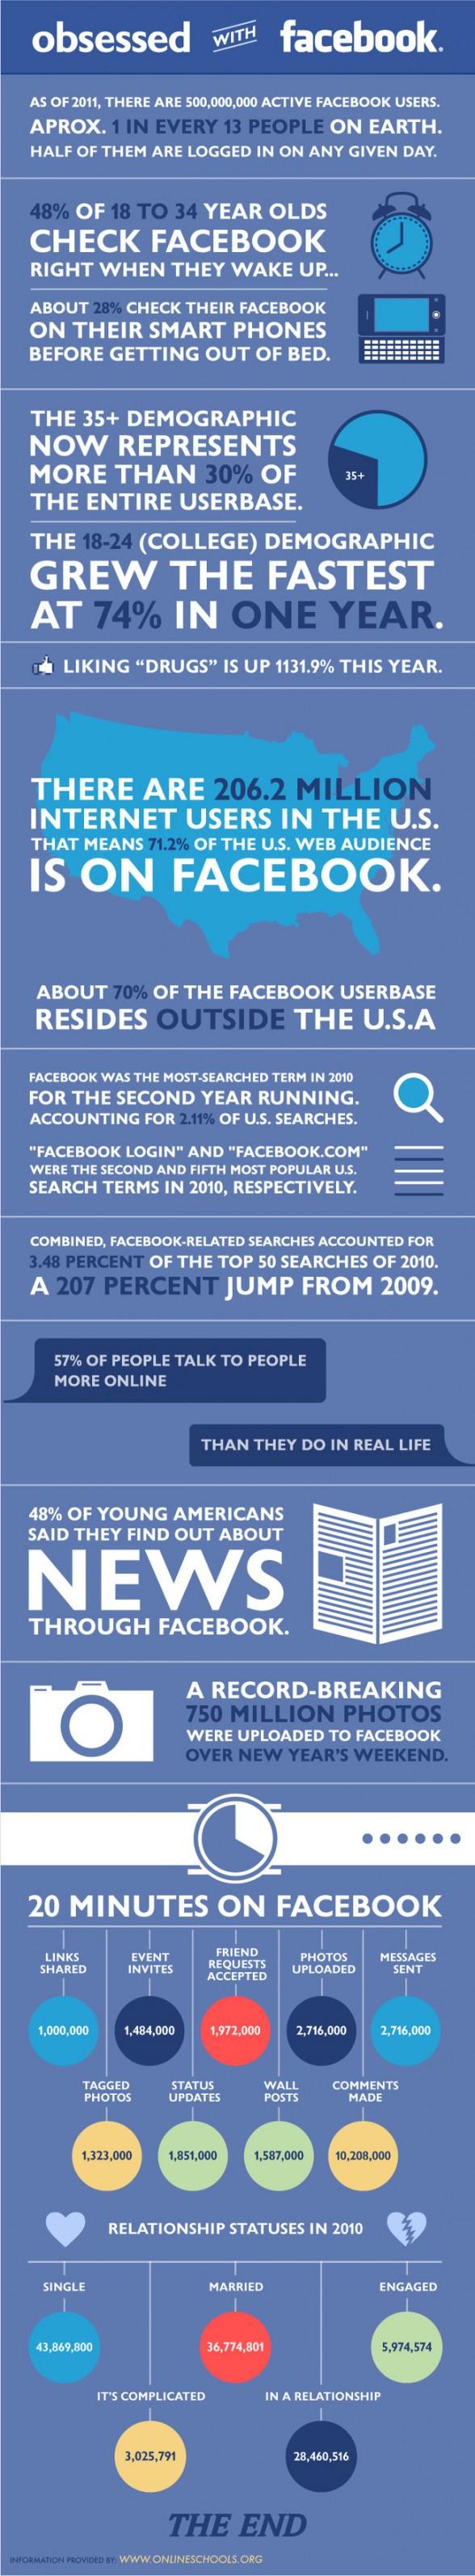 obsédé par Facebook